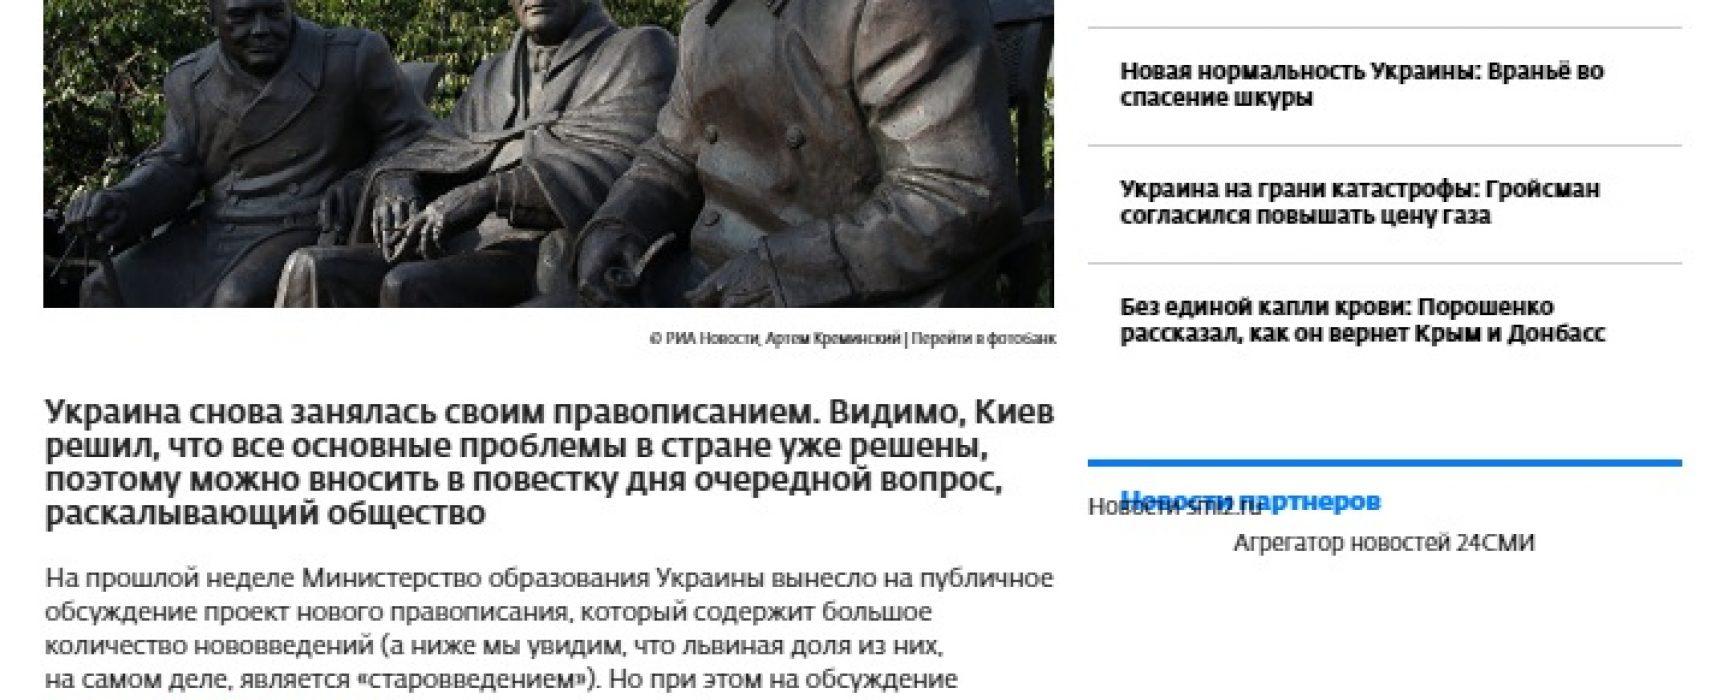 Фейк: Украйна се връща към сталинския правопис